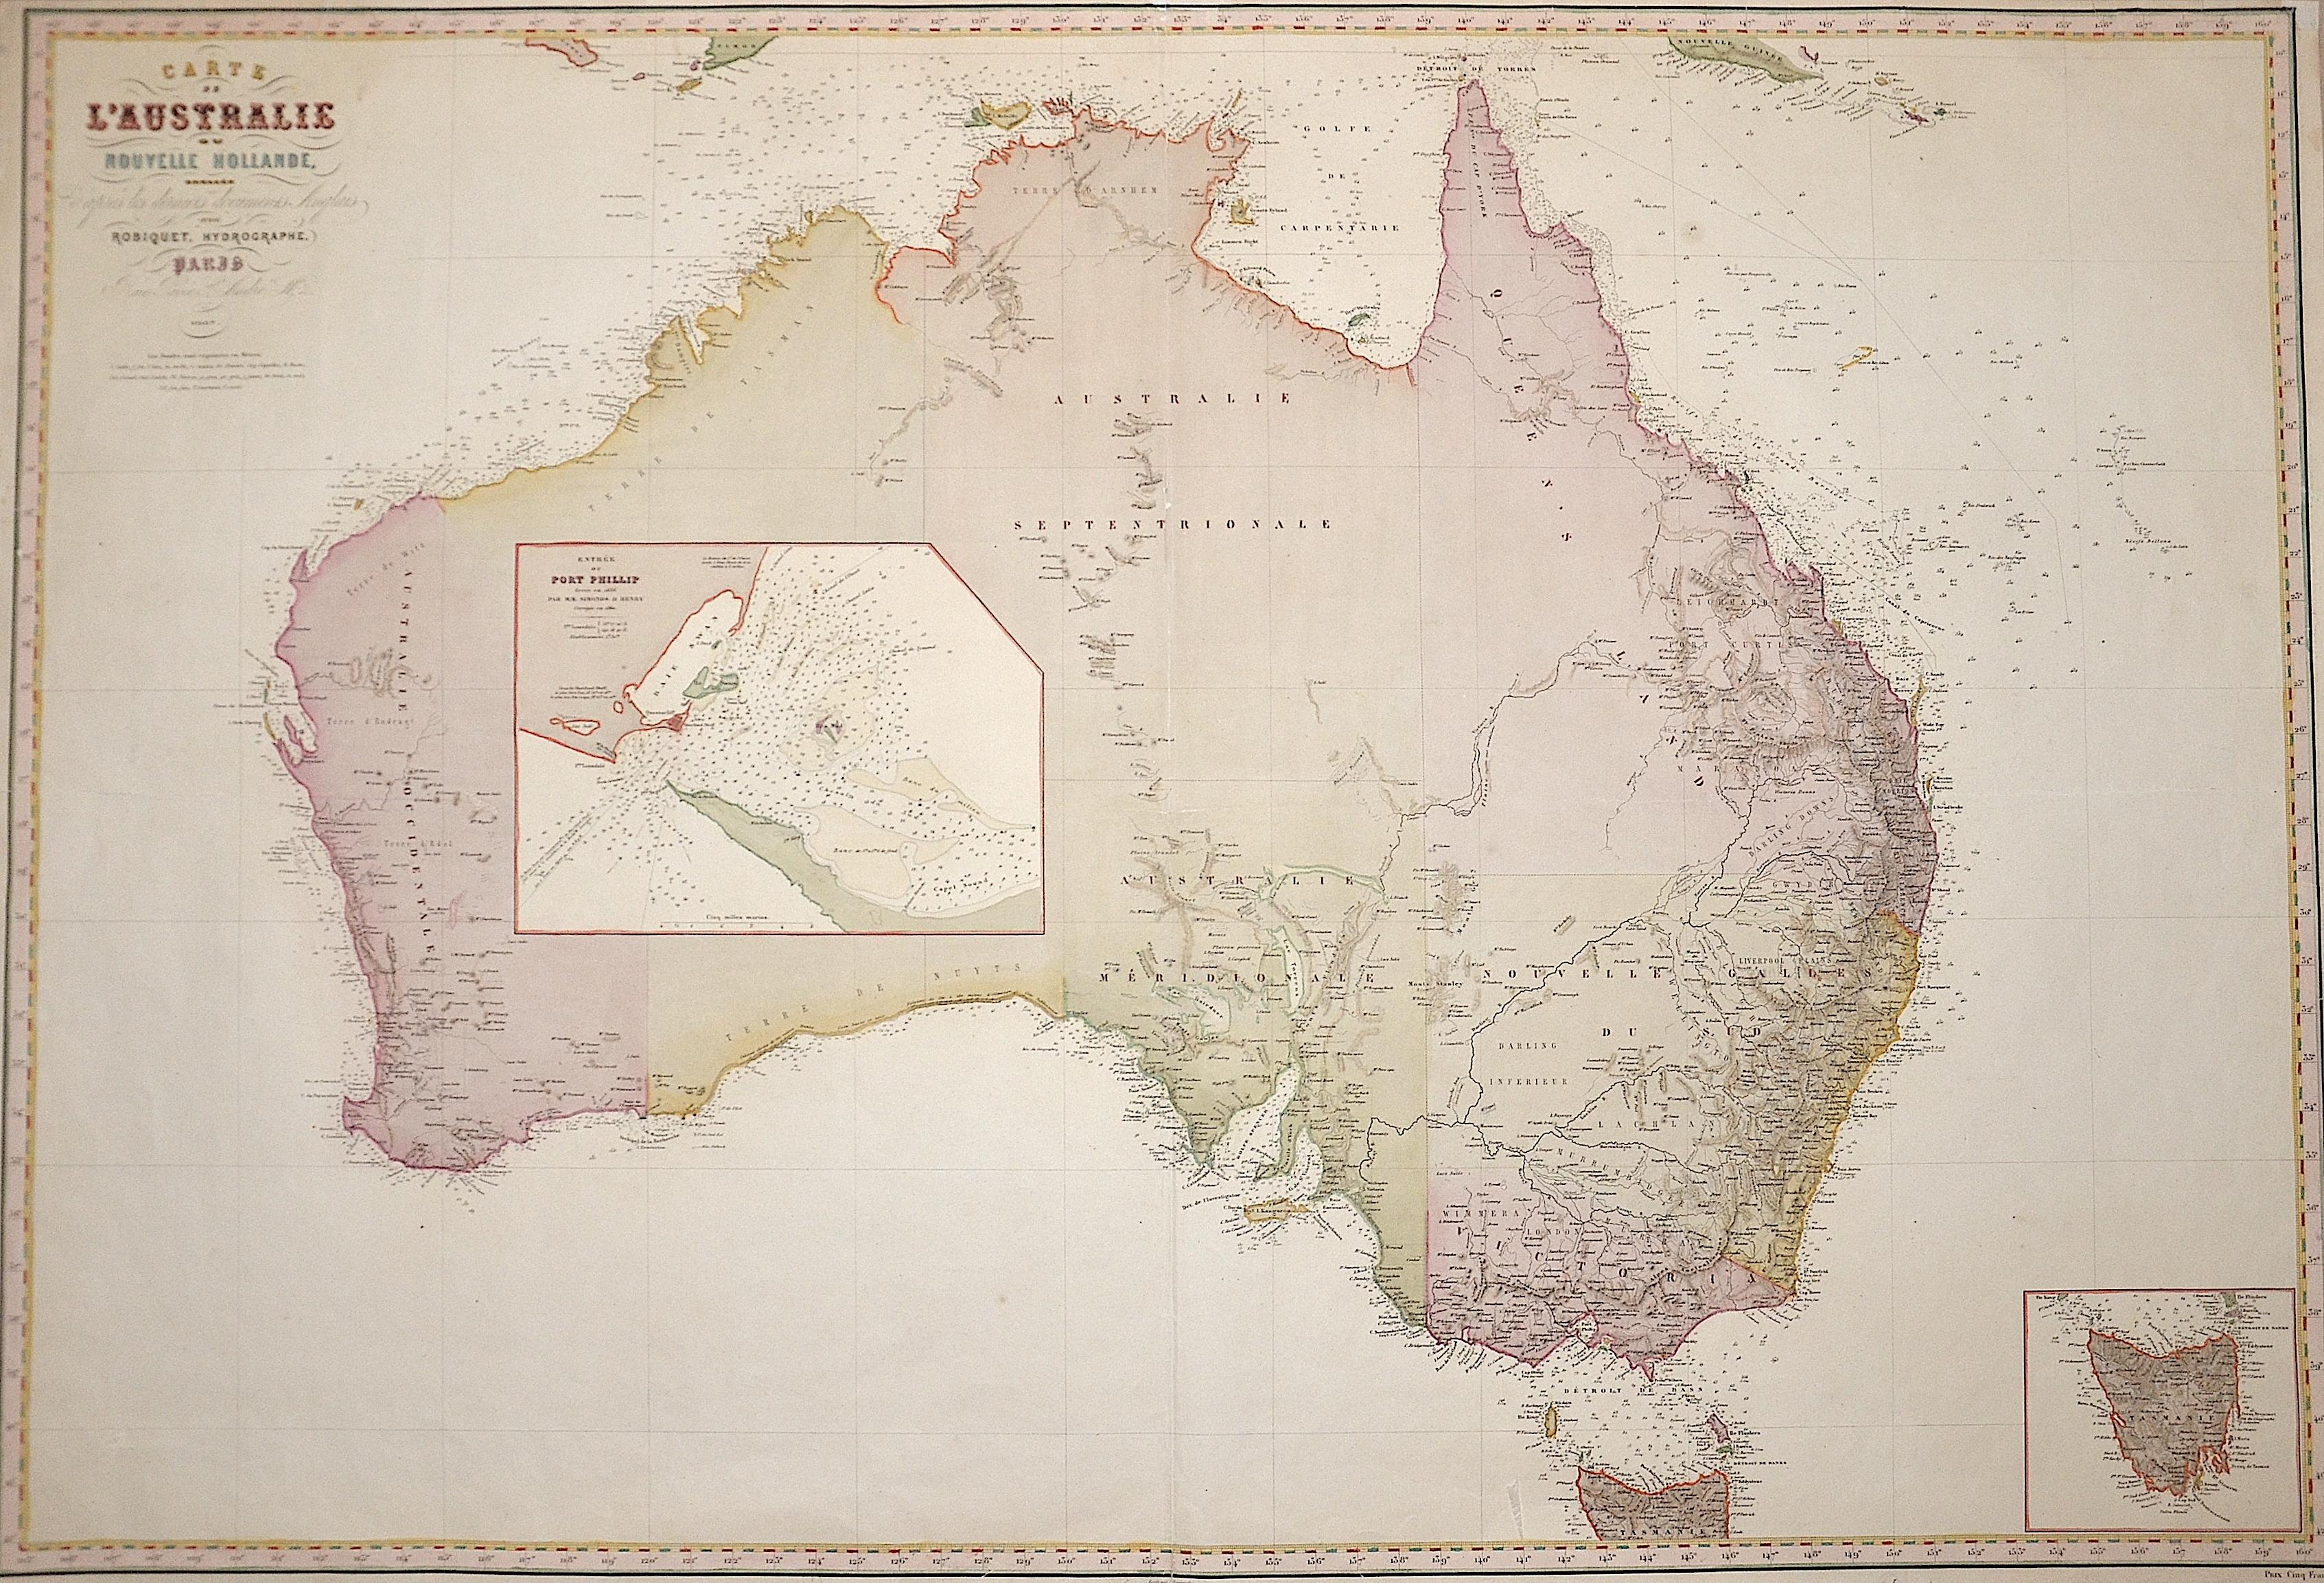 Robiquet  Carte de l'Australie